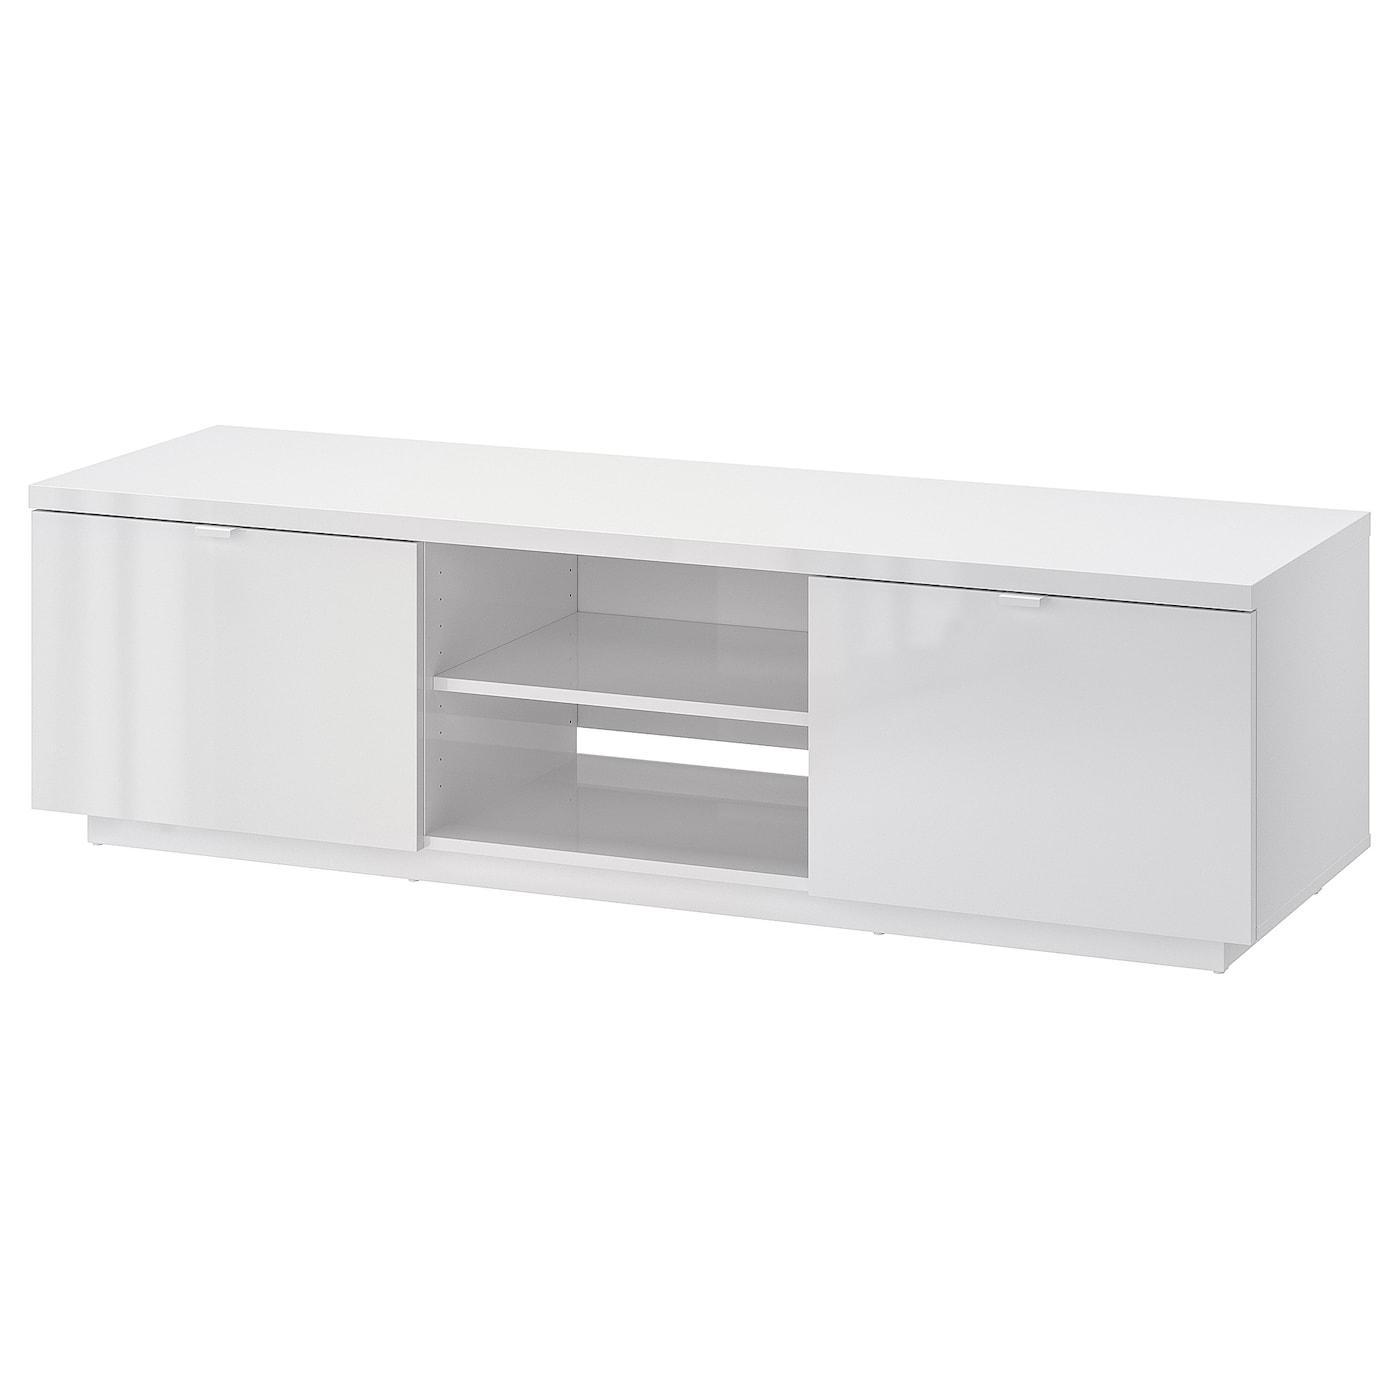 IKEA BYÅS biała szafka pod TV o wysokim połysku, 160x42x45 cm